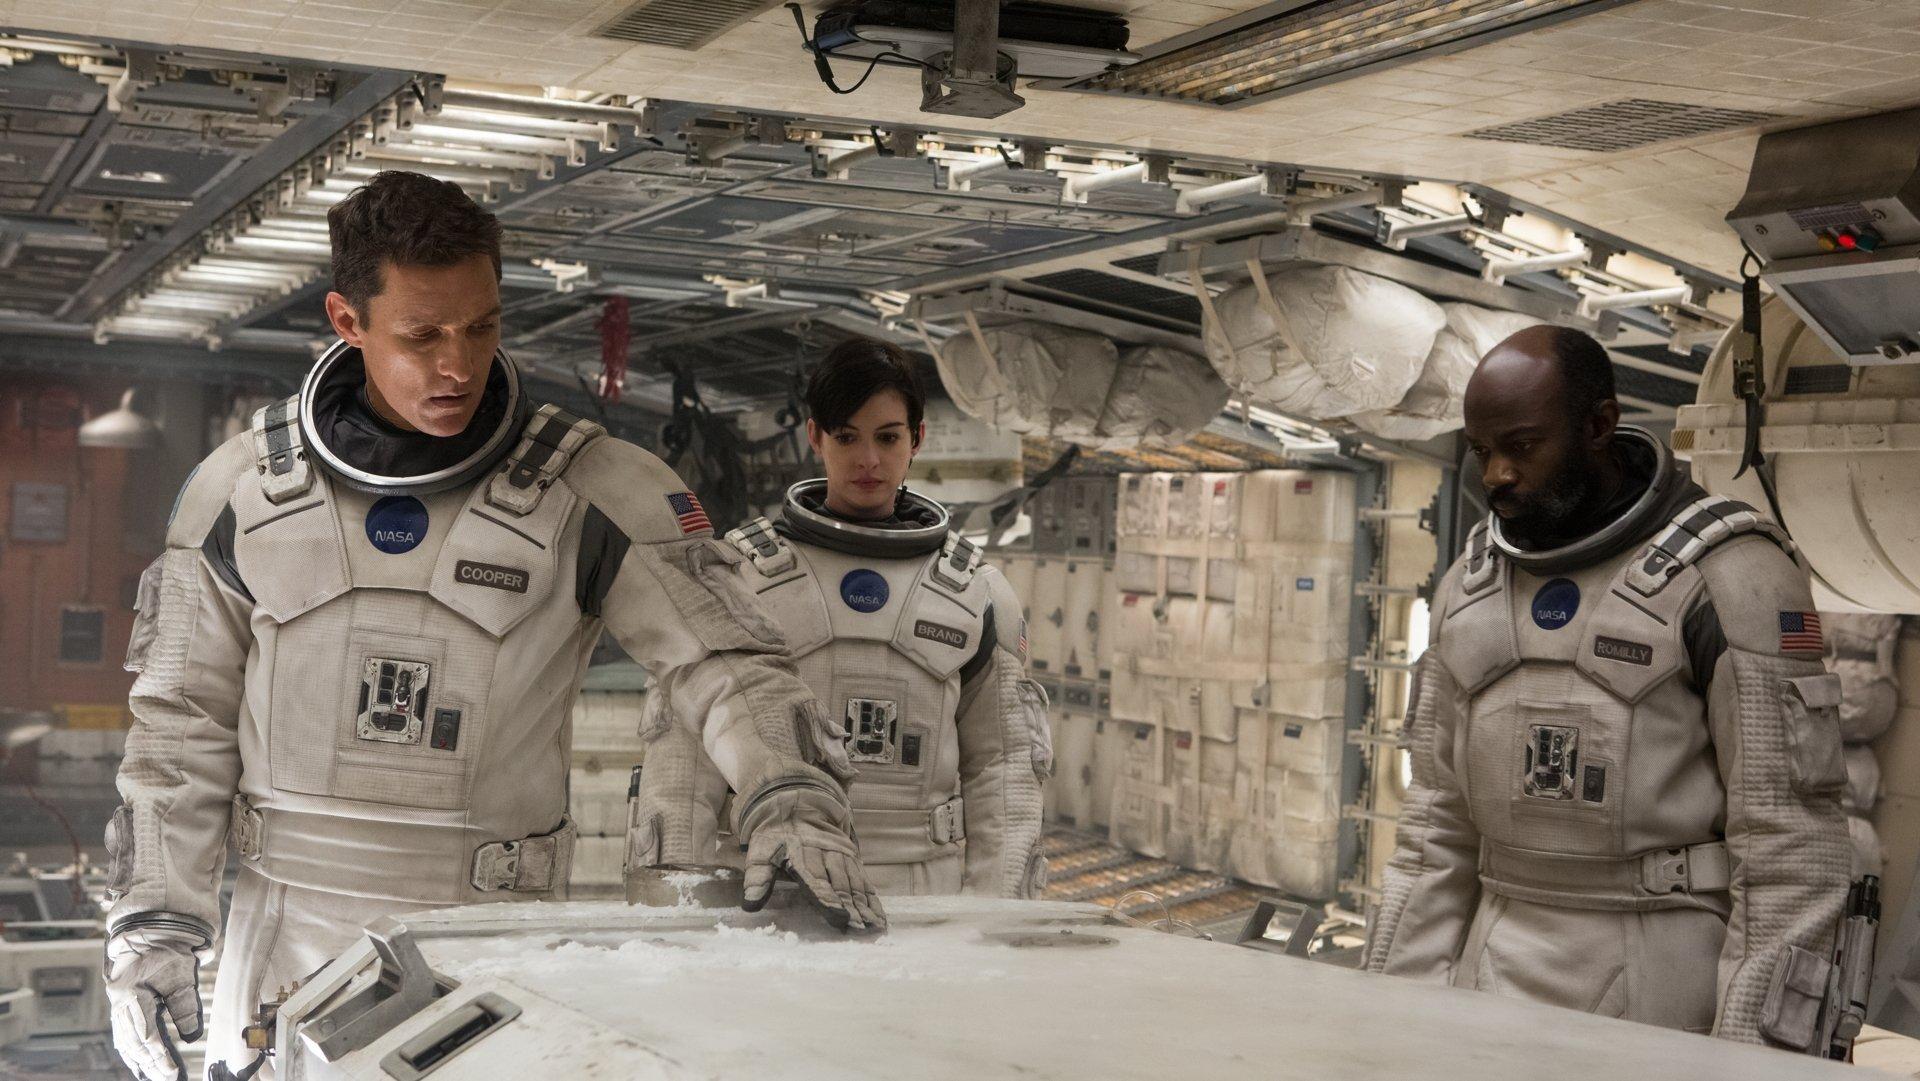 A still shot from 'Interstellar.'